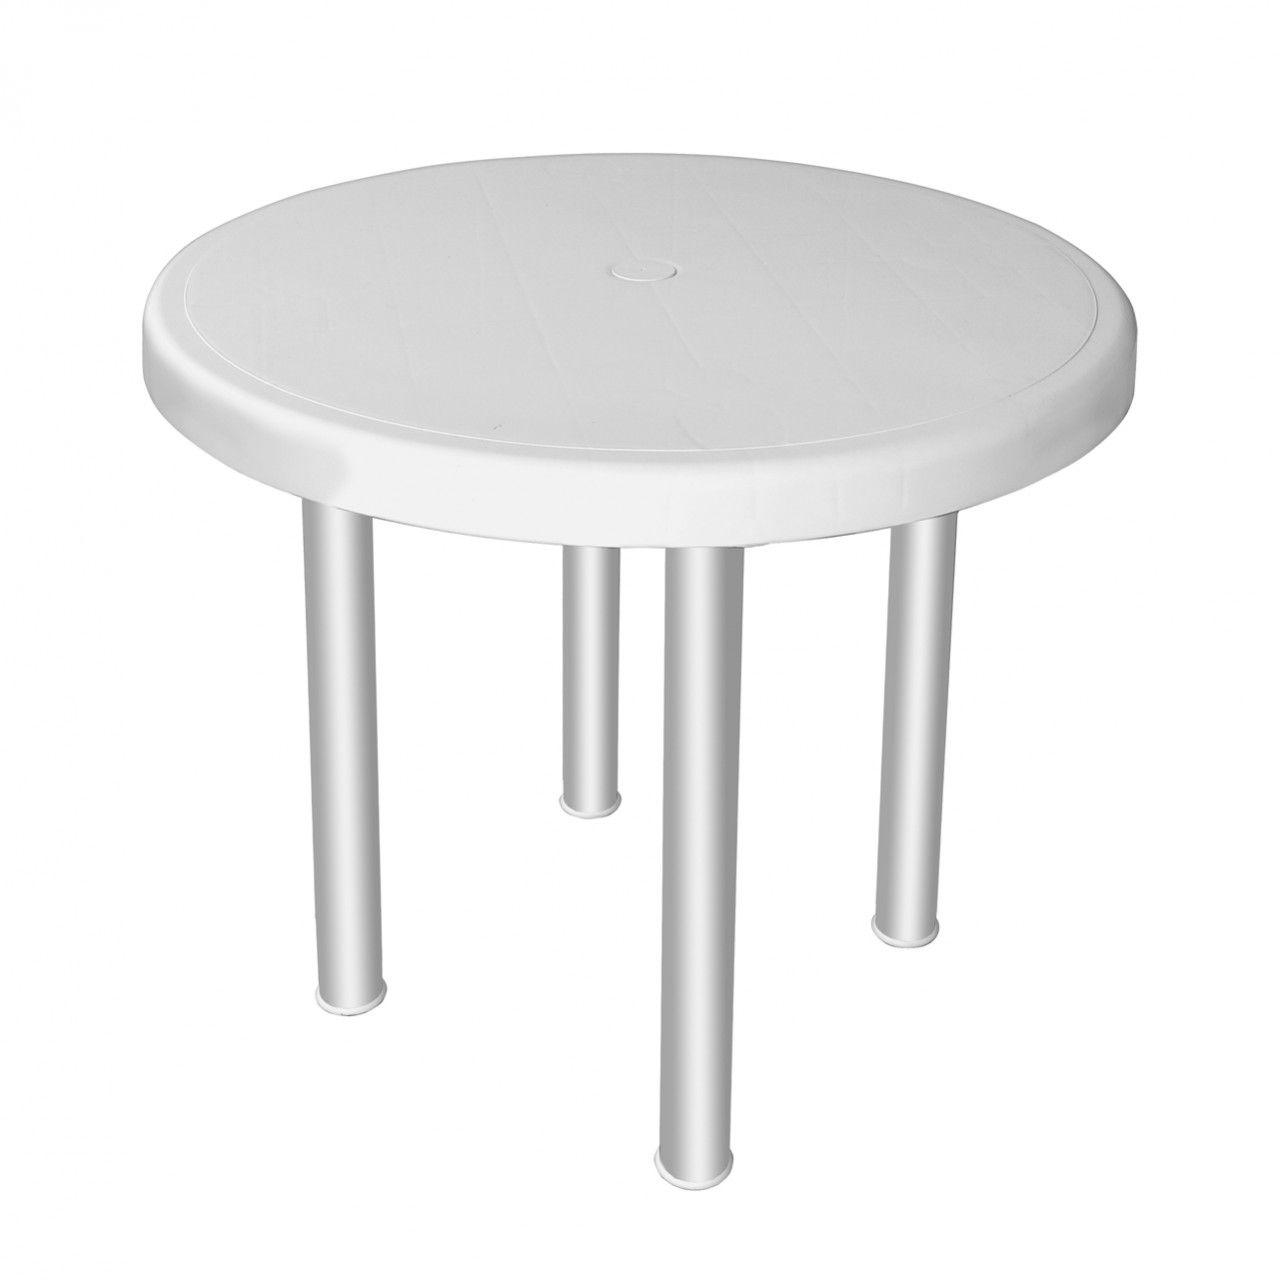 Mesa redonda 4 lugares com pés em alumínio